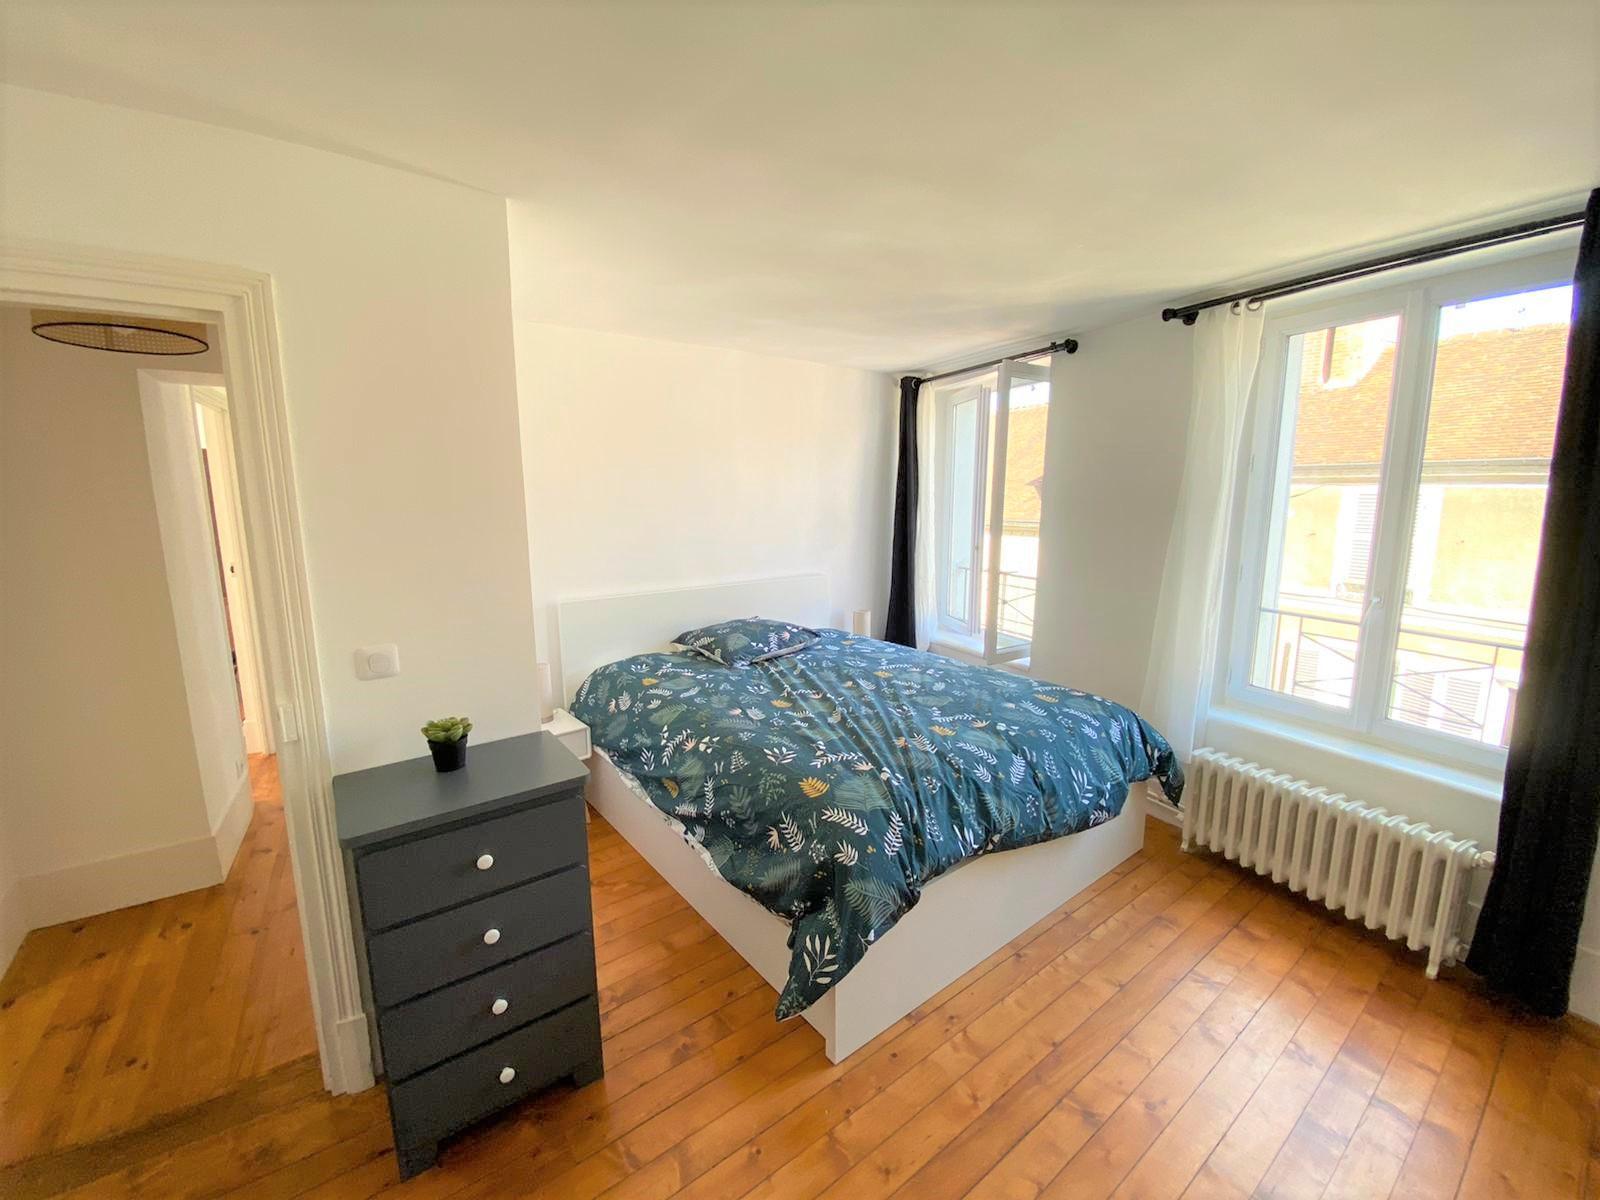 Bedroom 2 Insead MBA housing rental fonty flats